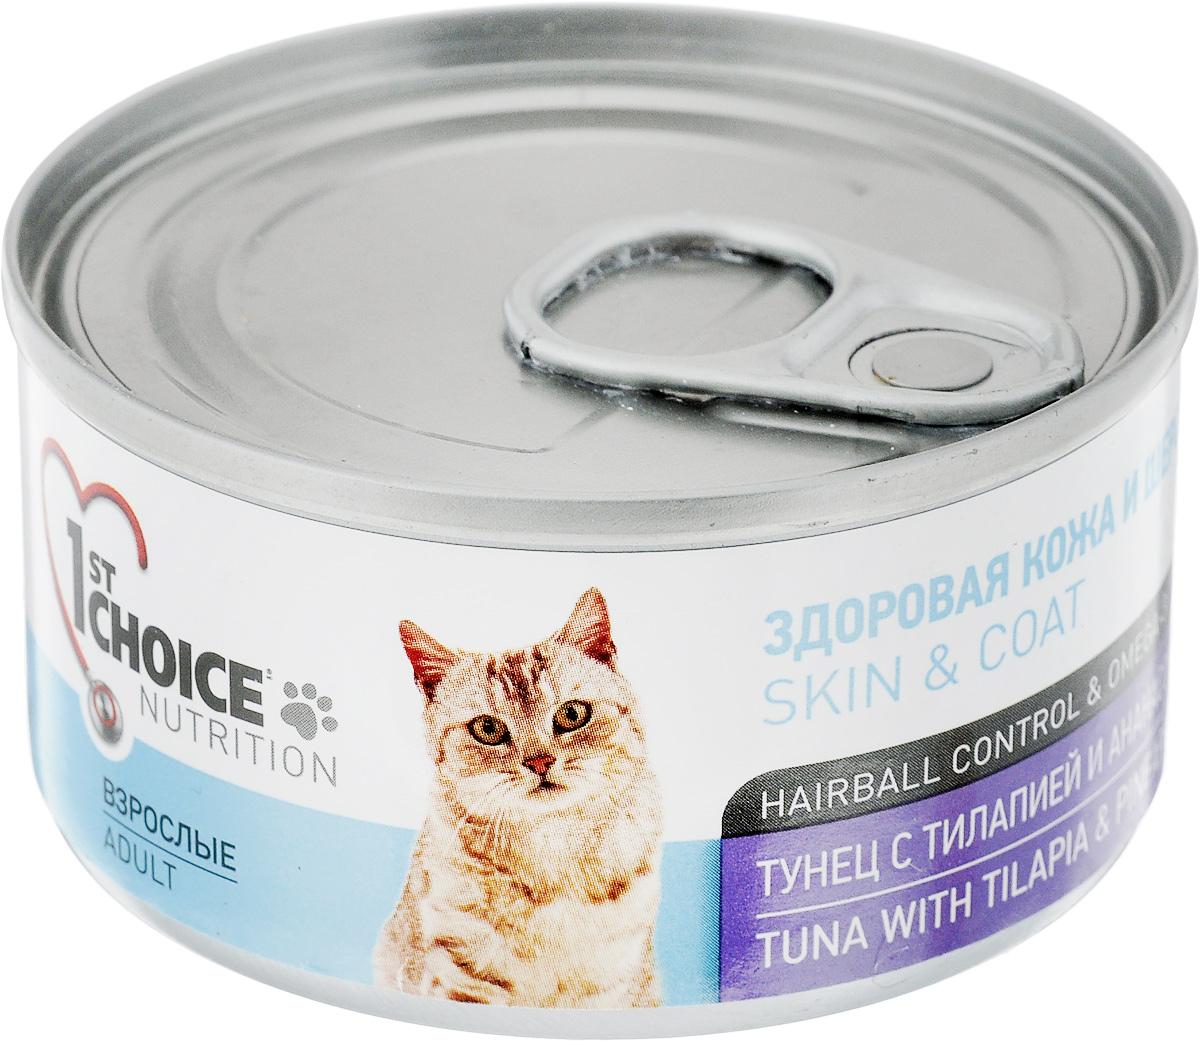 Консервы 1st Choice, для взрослых кошек, тунец с тилапией и ананасом, 85 г102.6.007Консервы 1st Choice является уникальным, натуральным, здоровым и функциональным дополнительным консервированным питанием для котят. Корм рекомендуется смешивать с кашами. Консервы изготовлены из высококачественного мясного сырья. Они обеспечивают здоровую и красивую шерсть, благодаря высокому содержанию Омега-3 и эффективную систему вывода шерсти и контроля образования волосяных комочков. Товар сертифицирован.